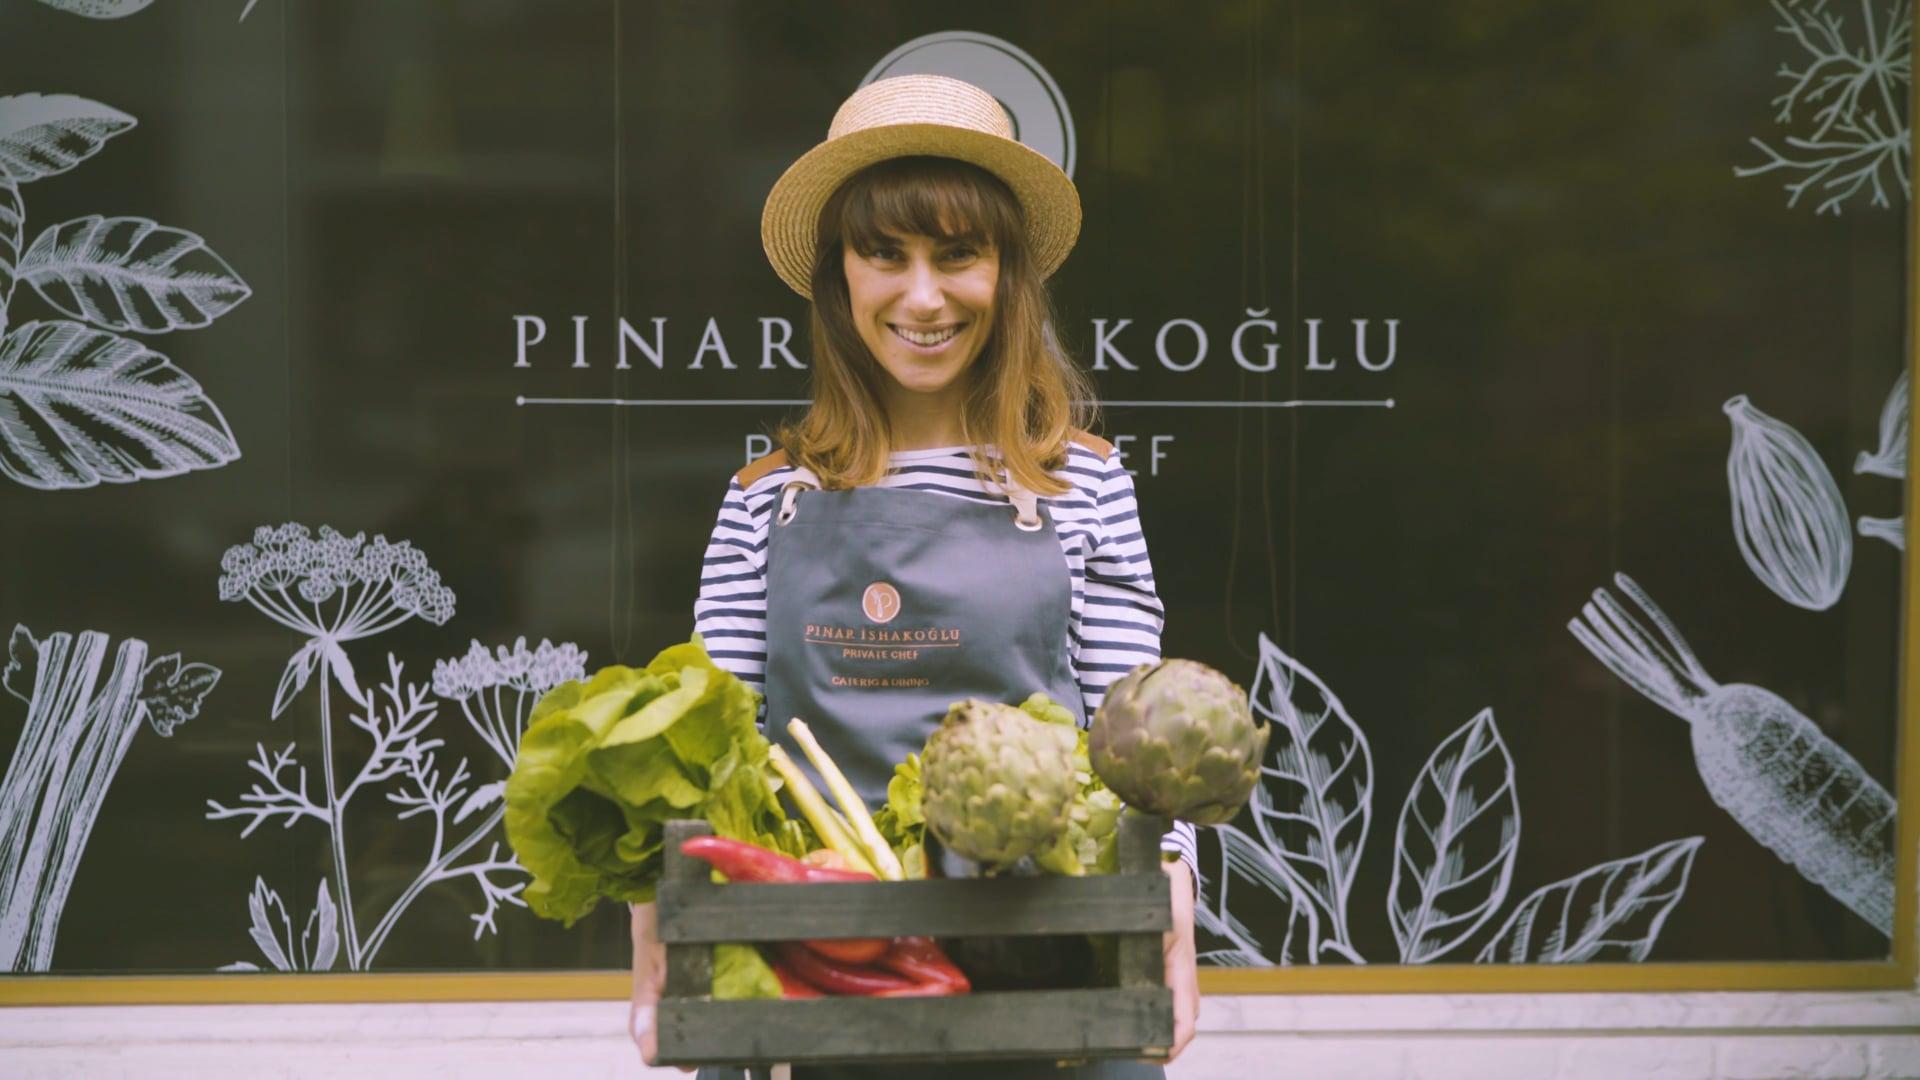 Pınar İshakoğlu